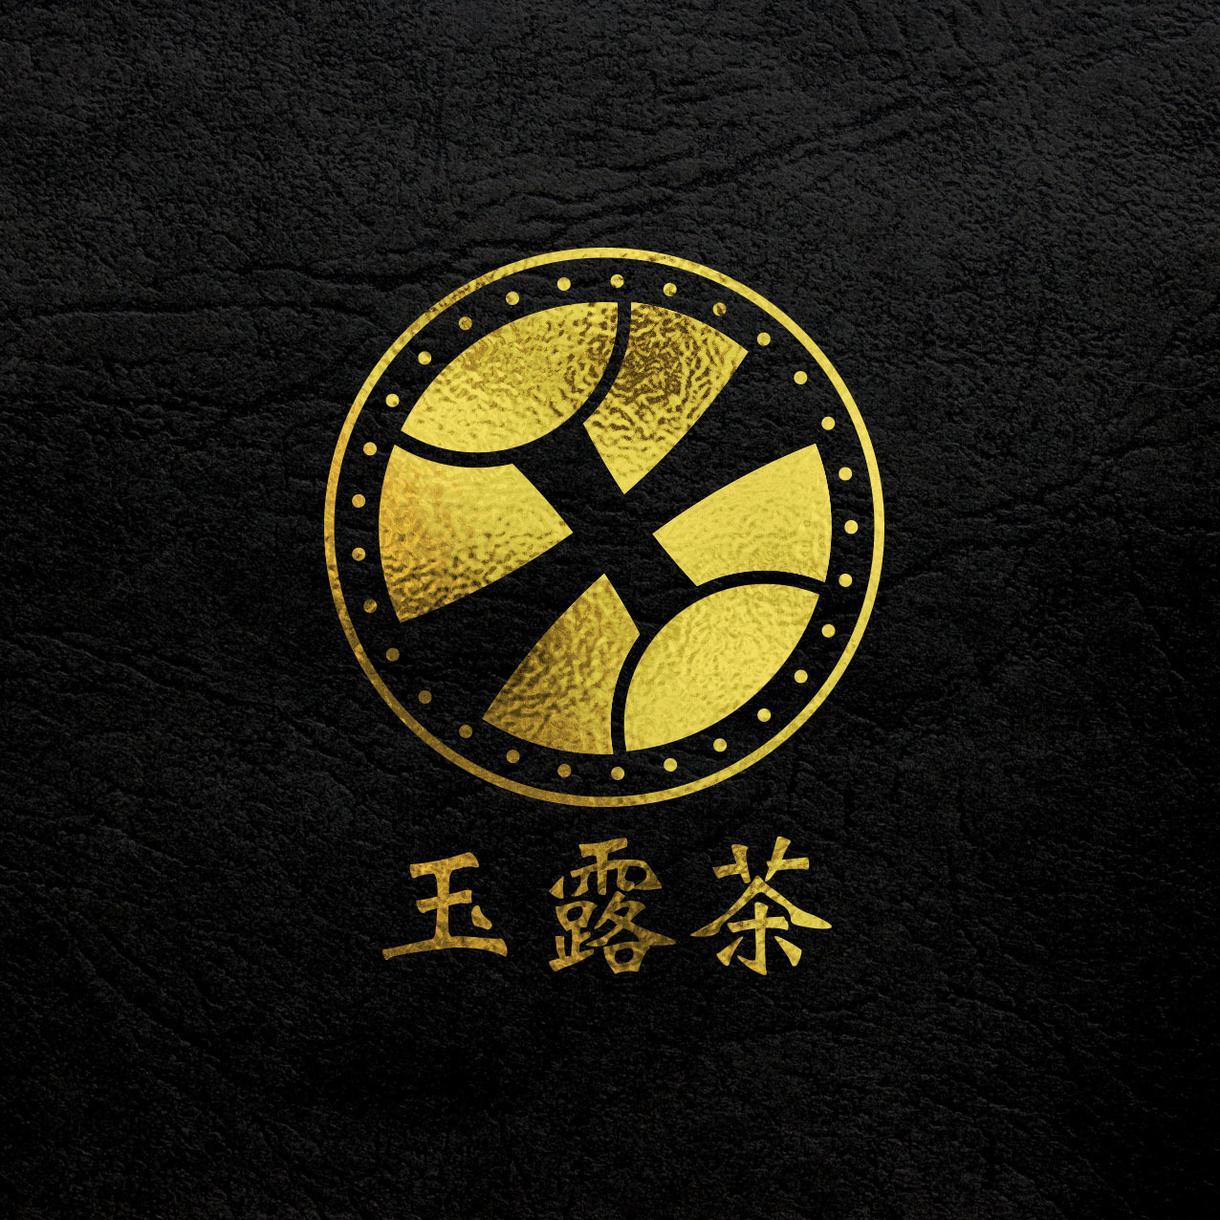 日本語、英語フォント+ロゴ,手書き風おつくりします シンプルで存在感のあるフォント&ロゴを!お気軽にどうぞ